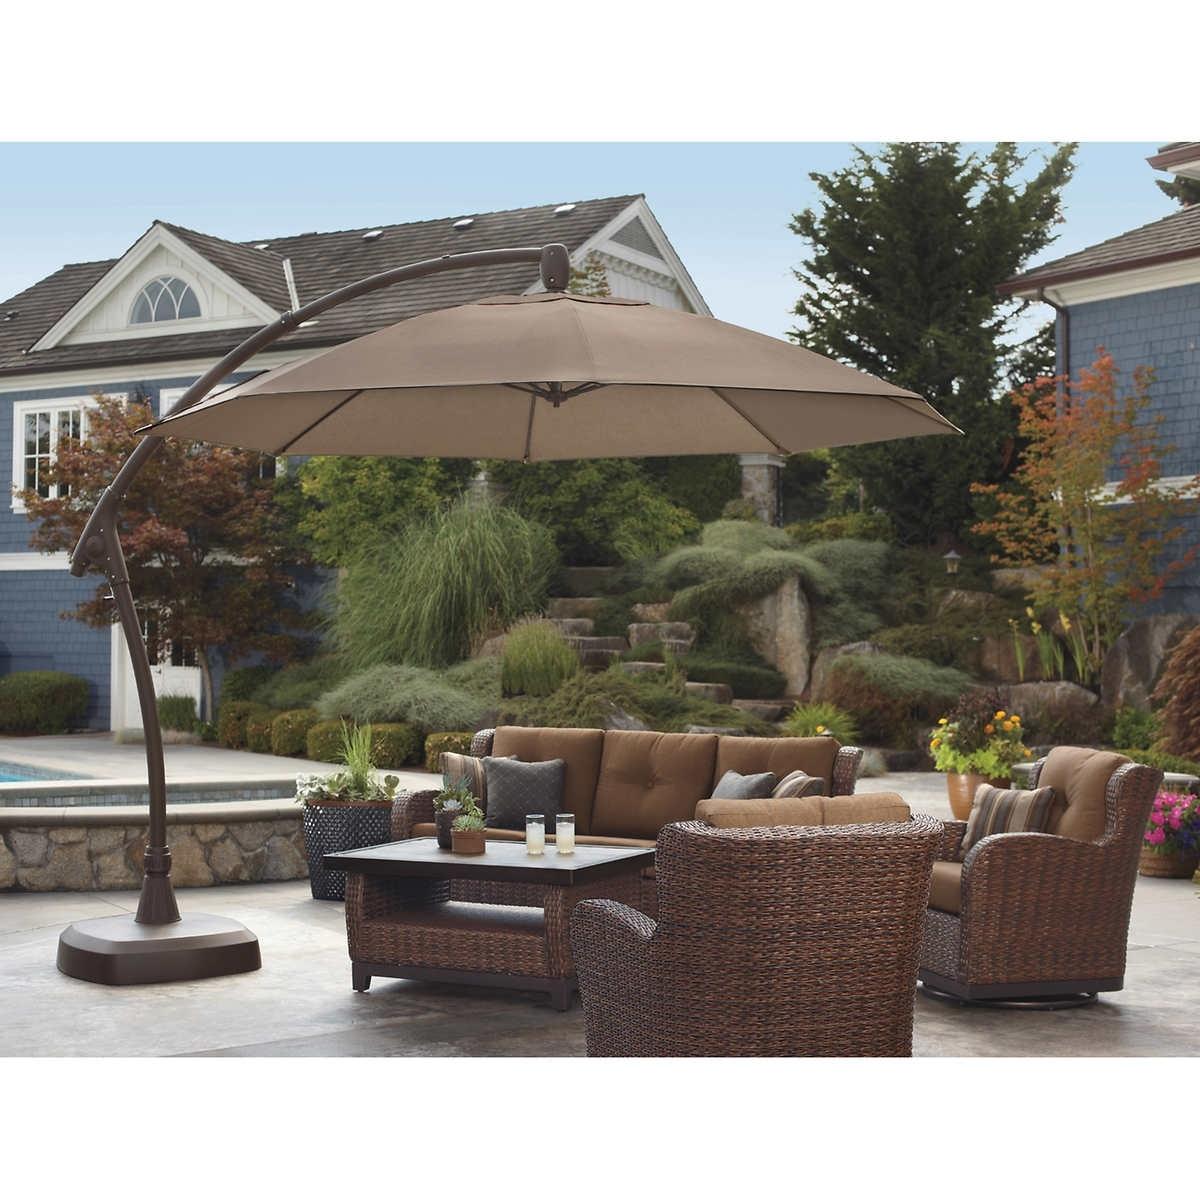 Fashionable Patio Umbrellas At Costco Canada – Patio Ideas Regarding Patio Umbrellas From Costco (View 8 of 20)